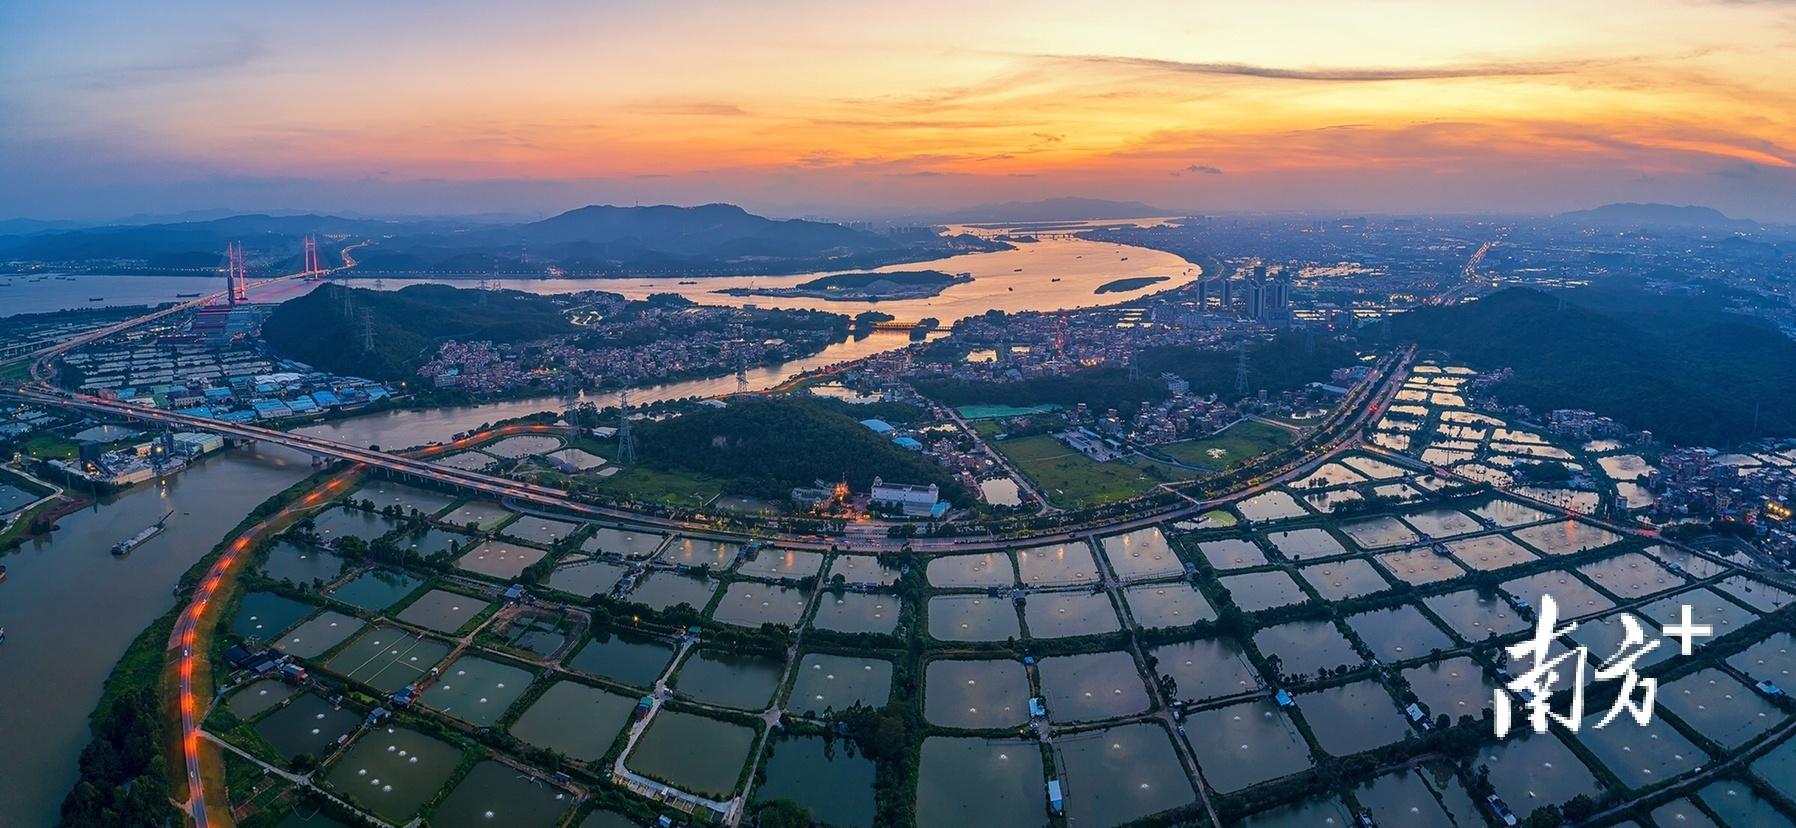 7月4日,佛山顺德龙江甘竹滩最迟日落时分,美景如幻。 黑暗骑士 摄